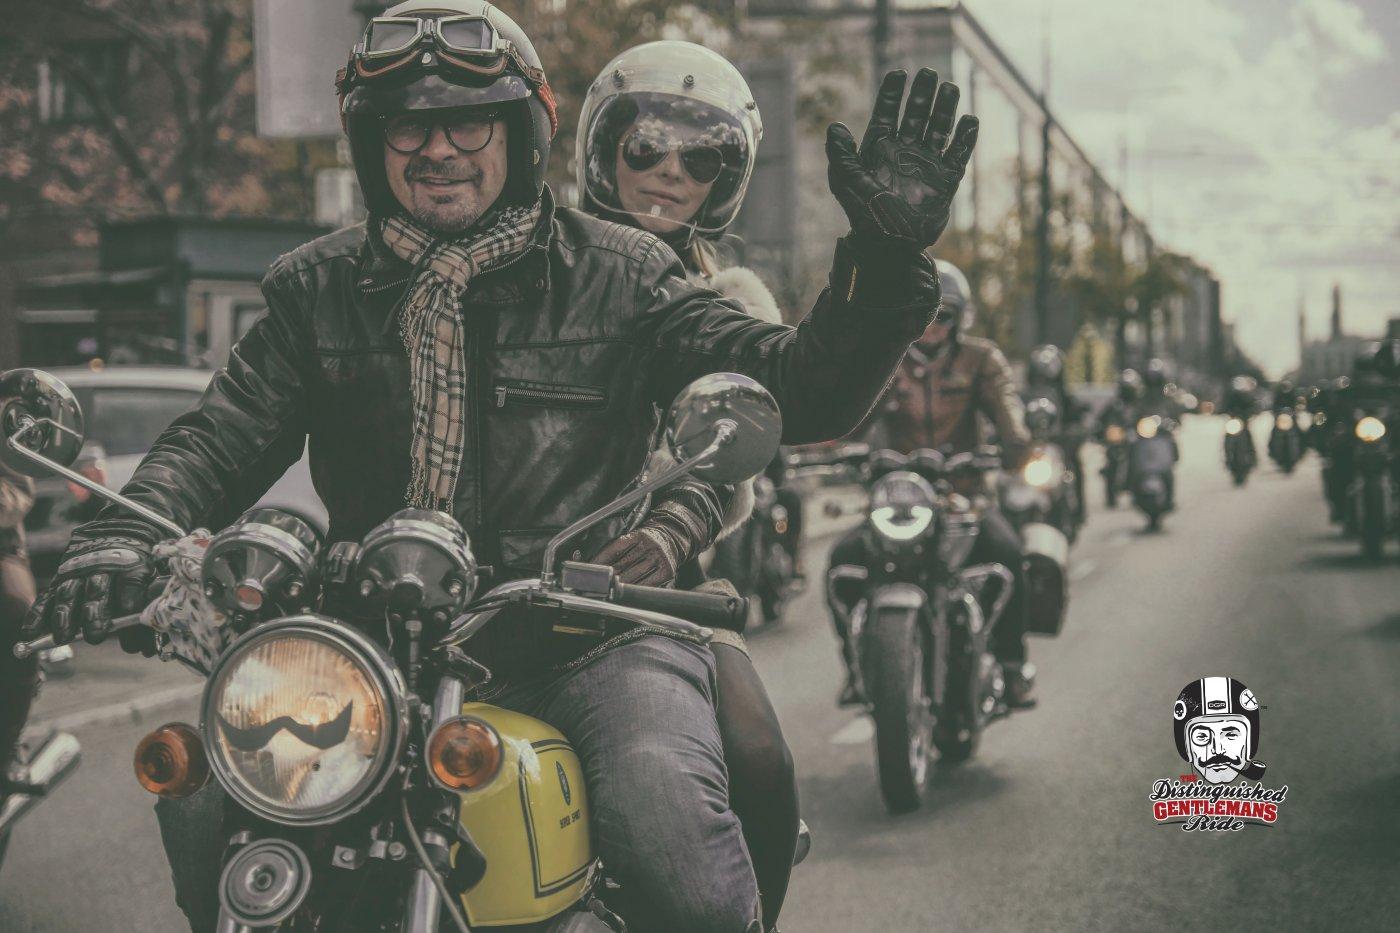 DGR 2019 Warszawa - foto Krzysiek Blazejewski (12)